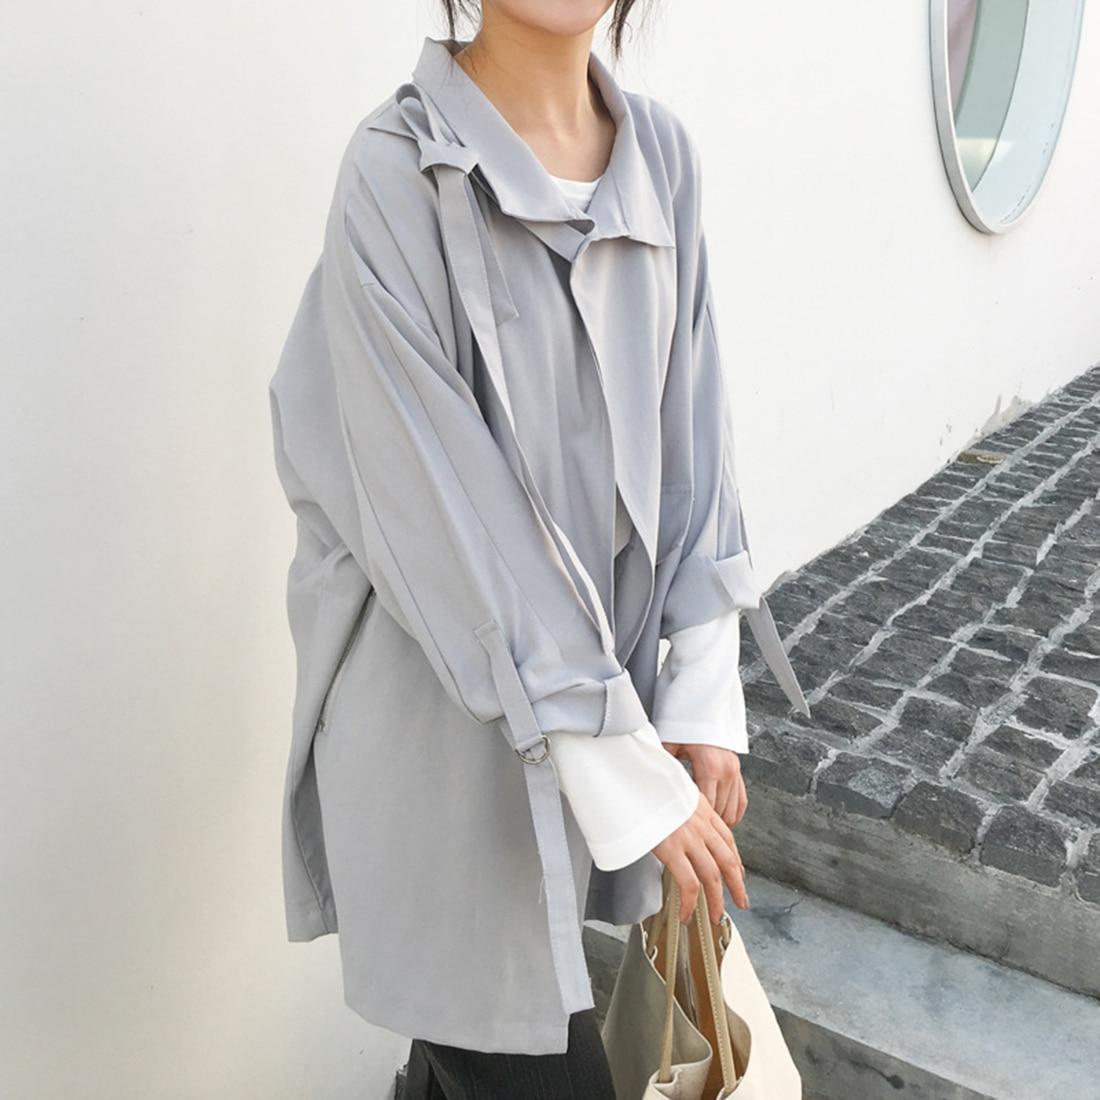 2017 New Fashion Bomber Jacket Long Sleeve Plus Size Autumn Female Basic Jacket Women Jacket Coat jacket Autumn